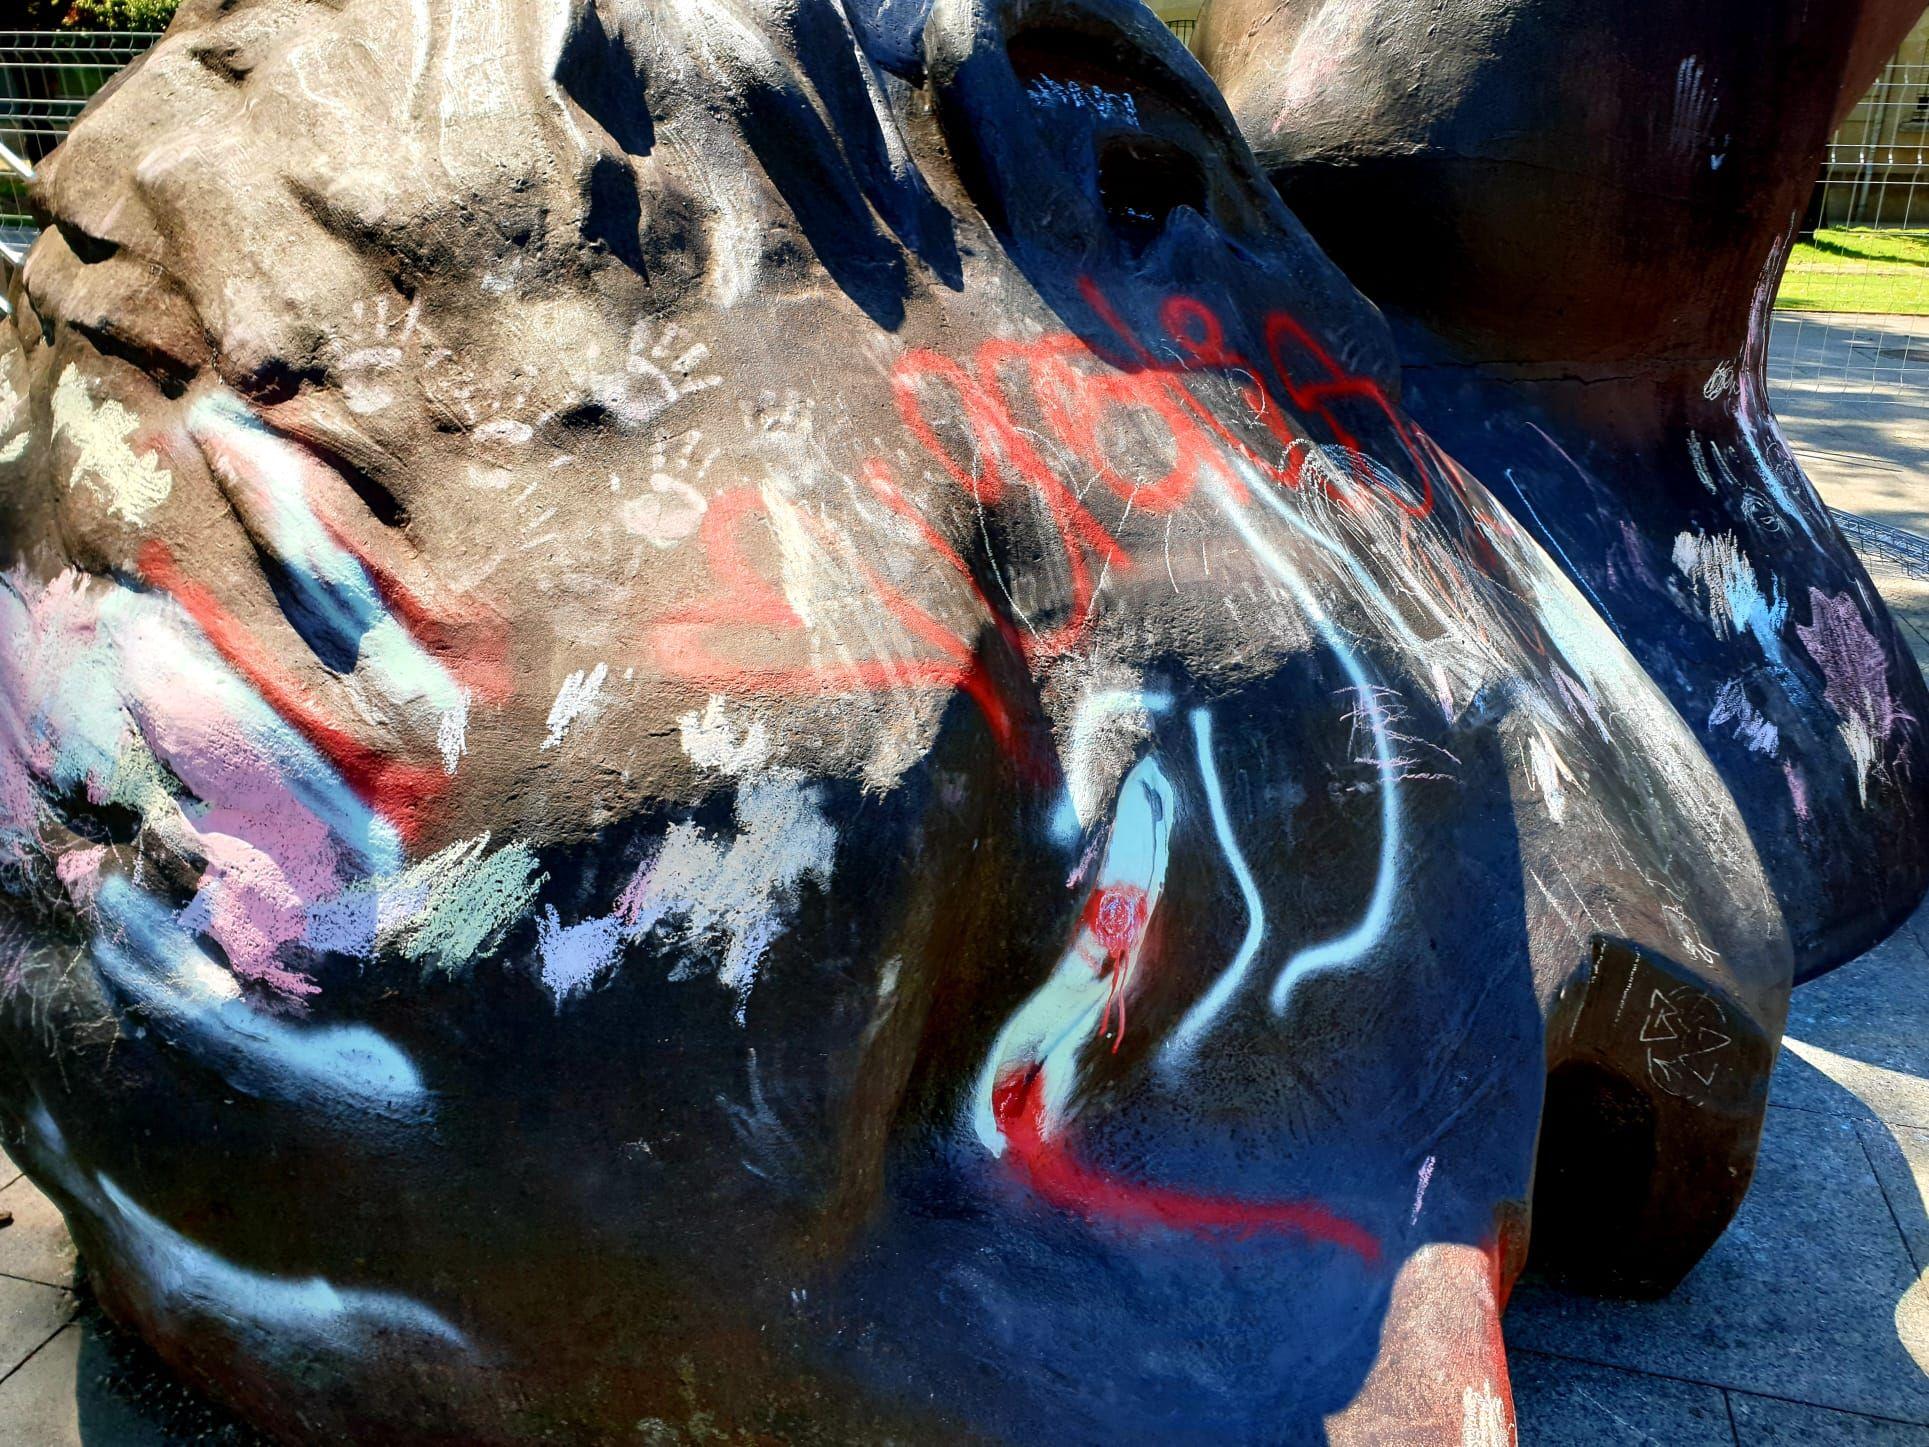 Así está El Nadador tras las pintadas de vándalos y niños consentidos por sus padres